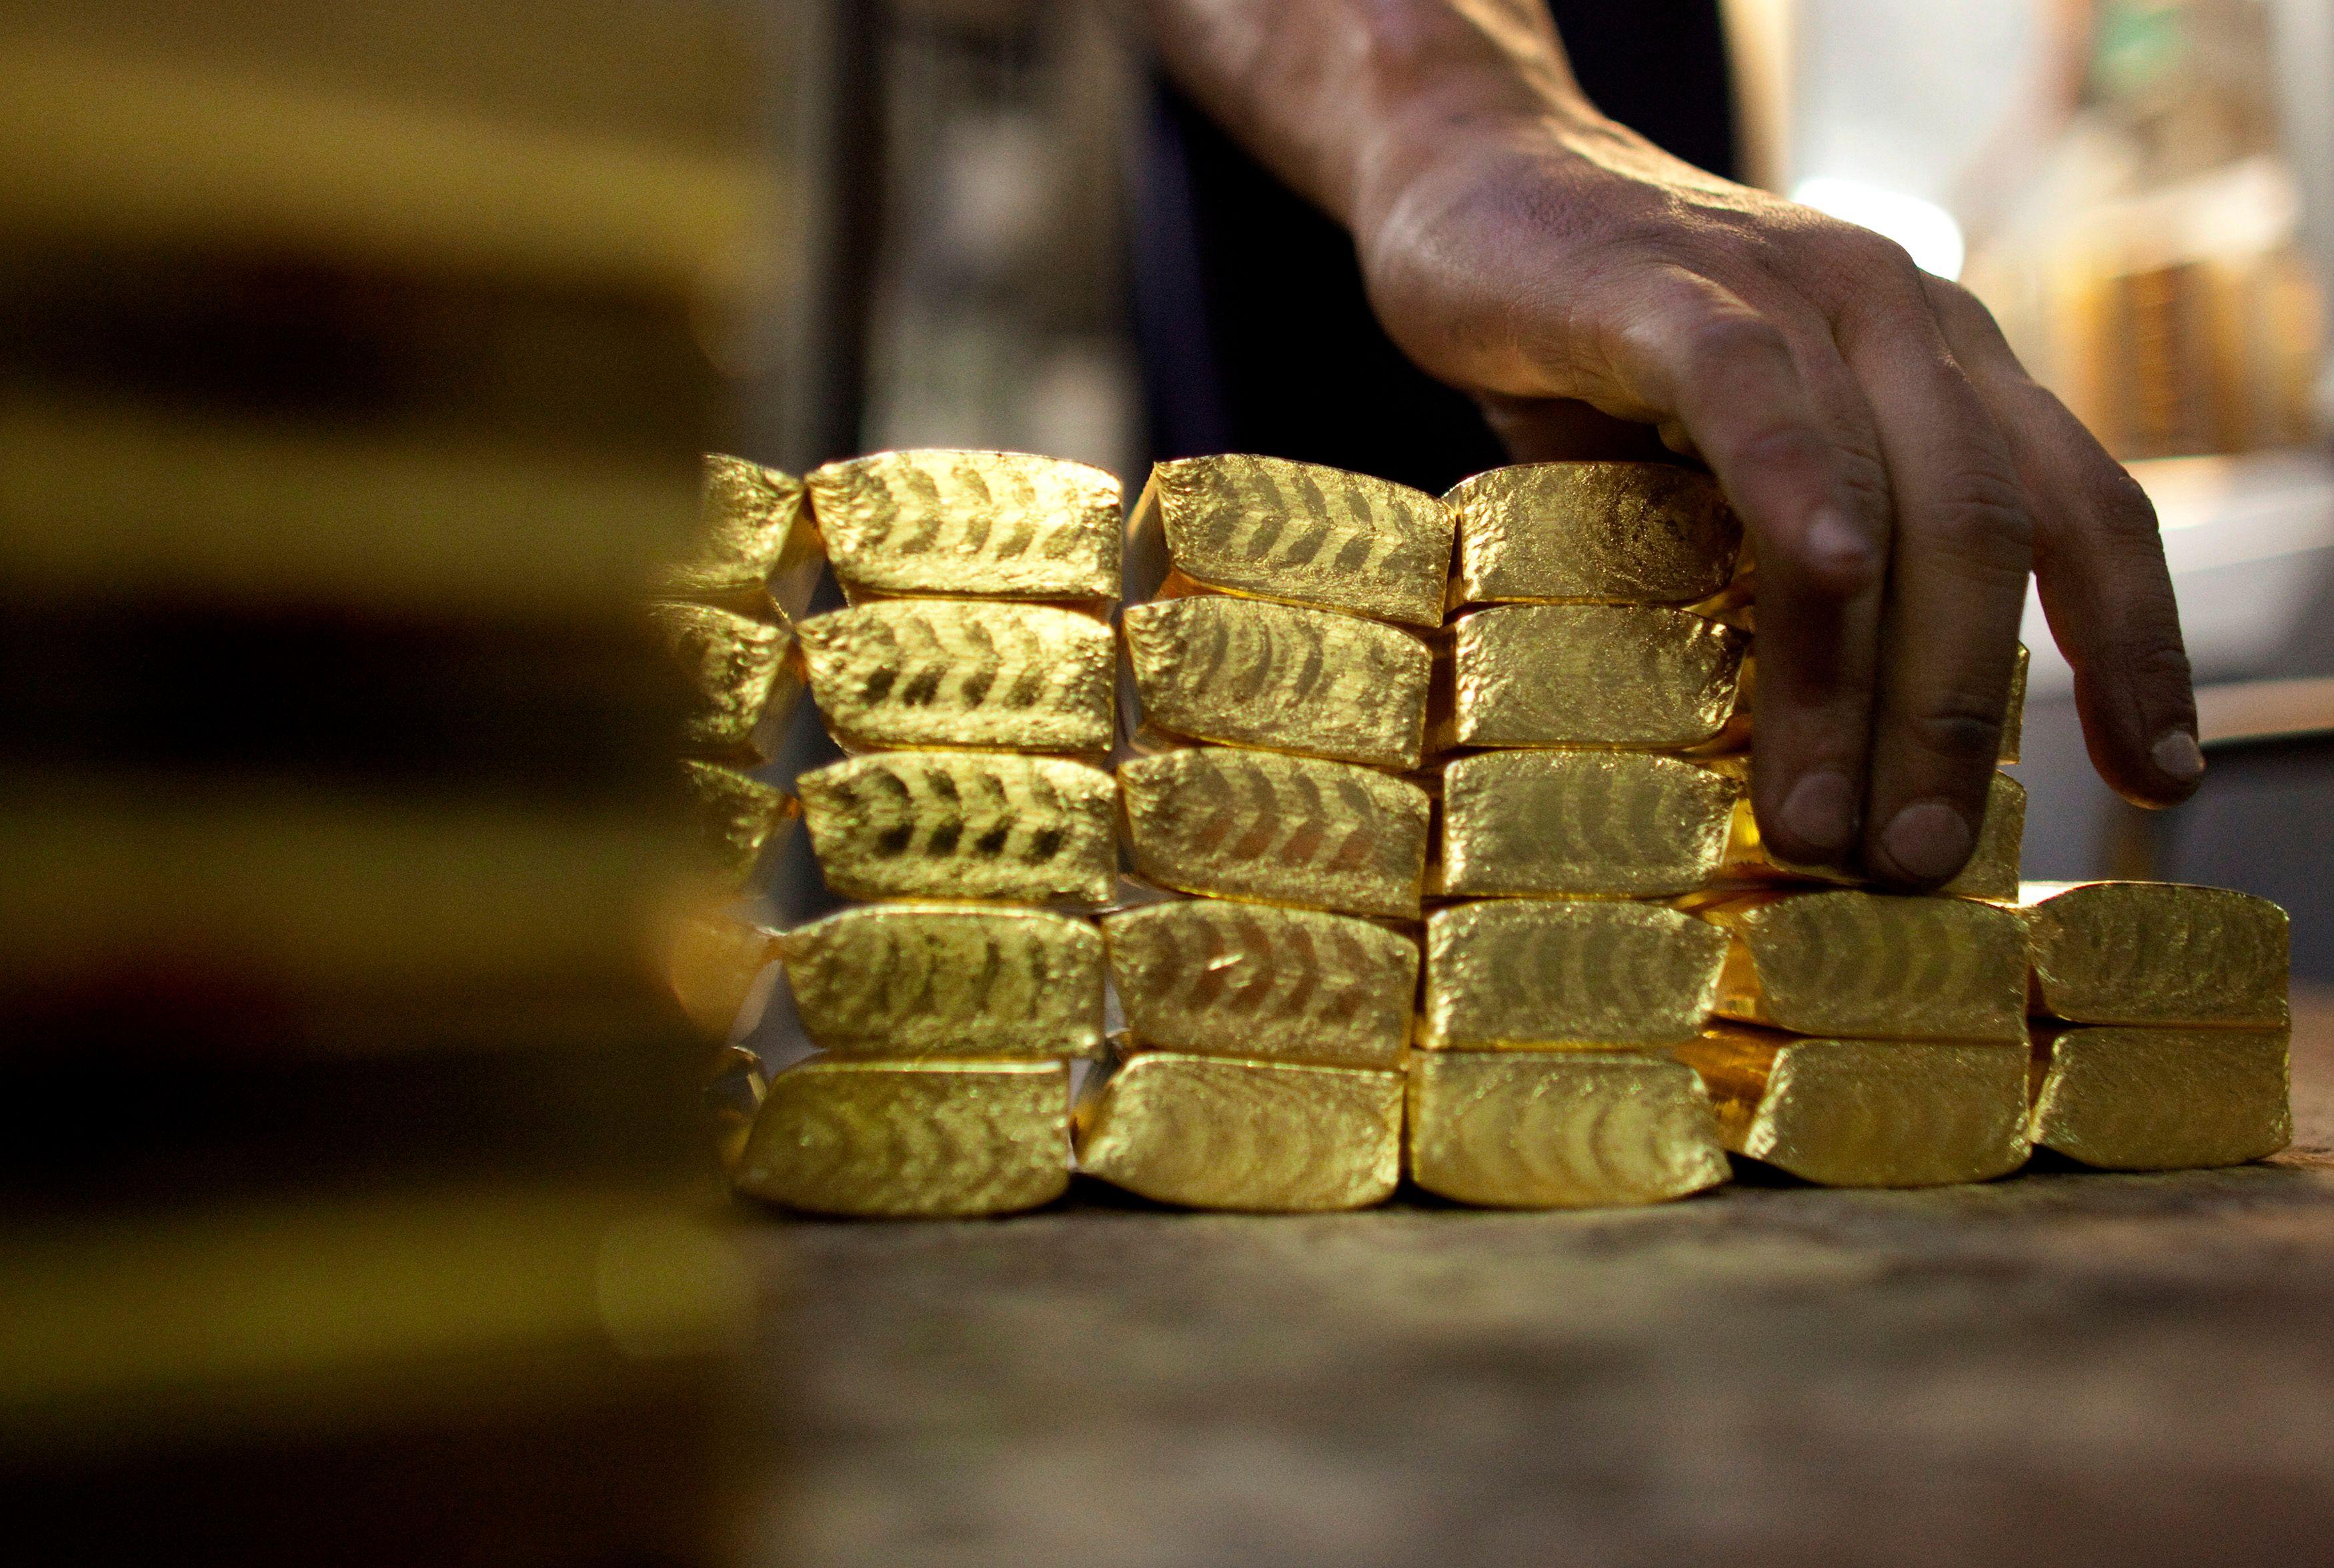 24 barres d'or ont été retrouvées cachées dans les toilettes d'un avion de Jet Airways (illustration).